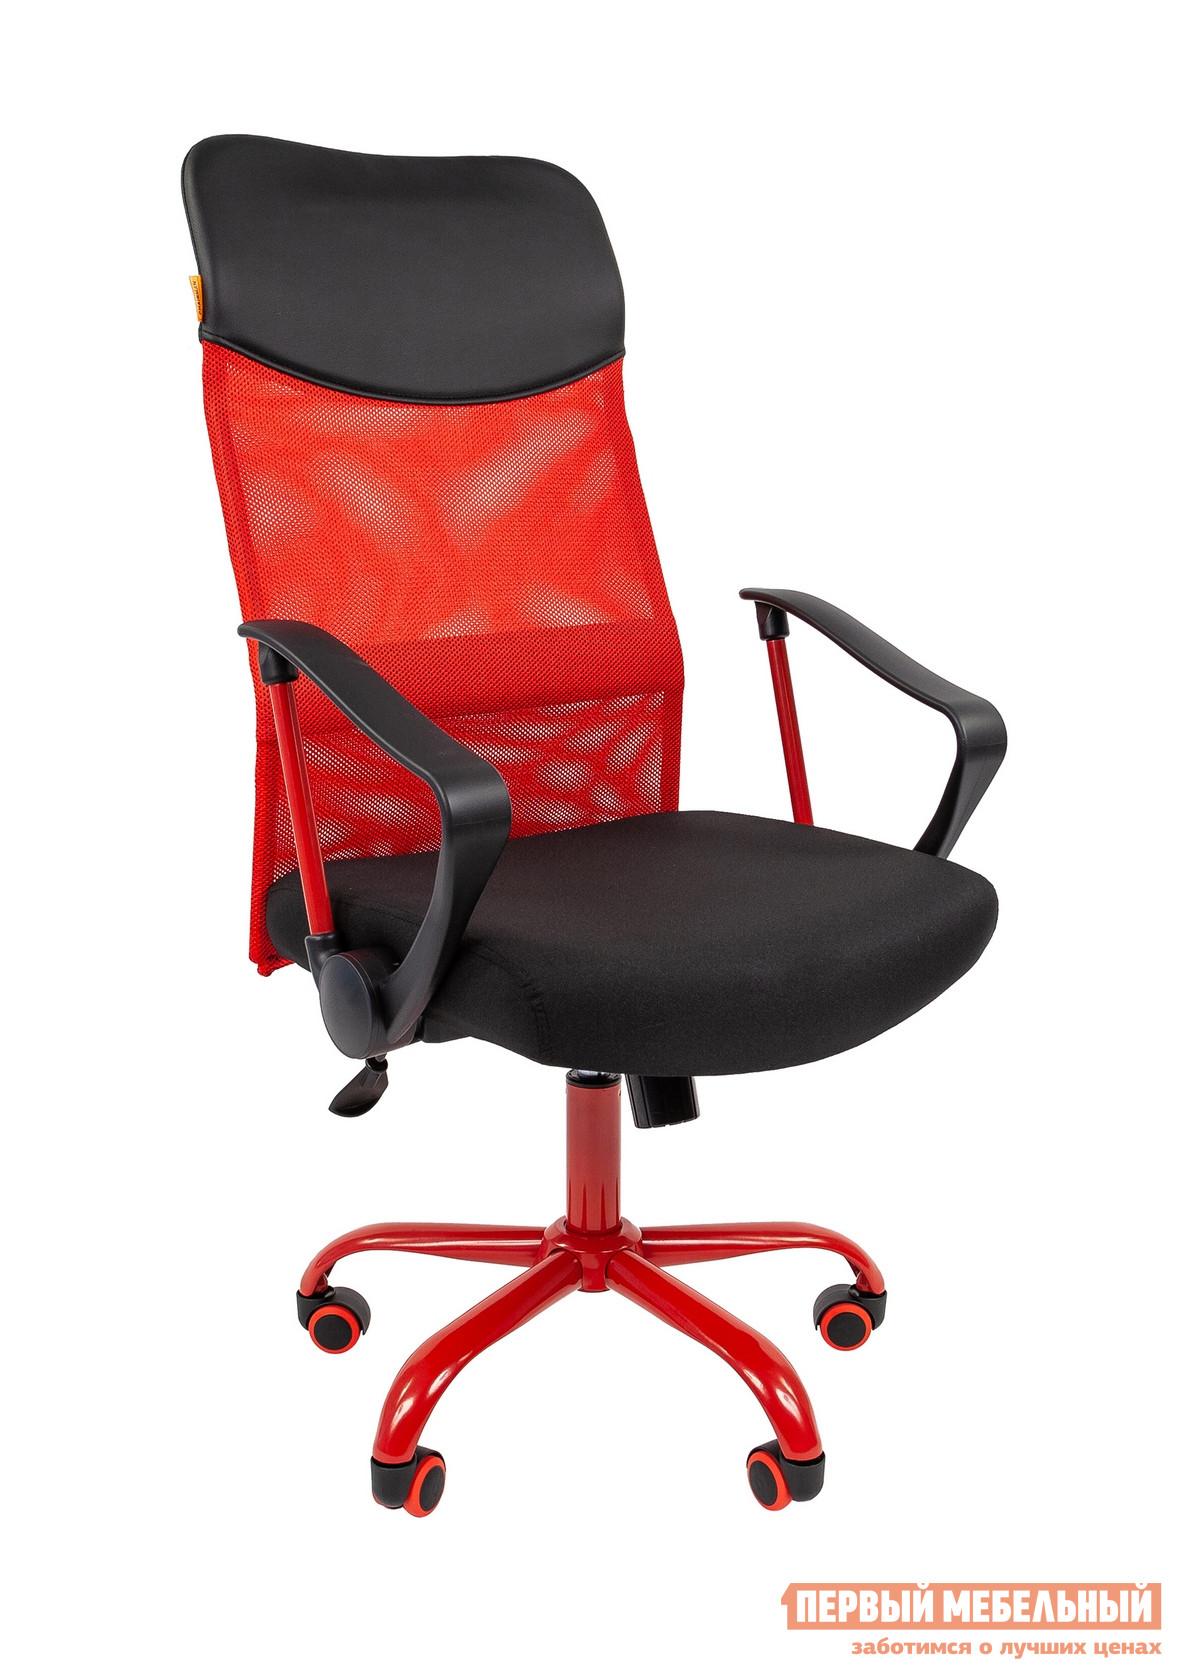 Кресло руководителя Тайпит Офисное кресло Chairman 610 Cmet кресло руководителя тайпит fuga